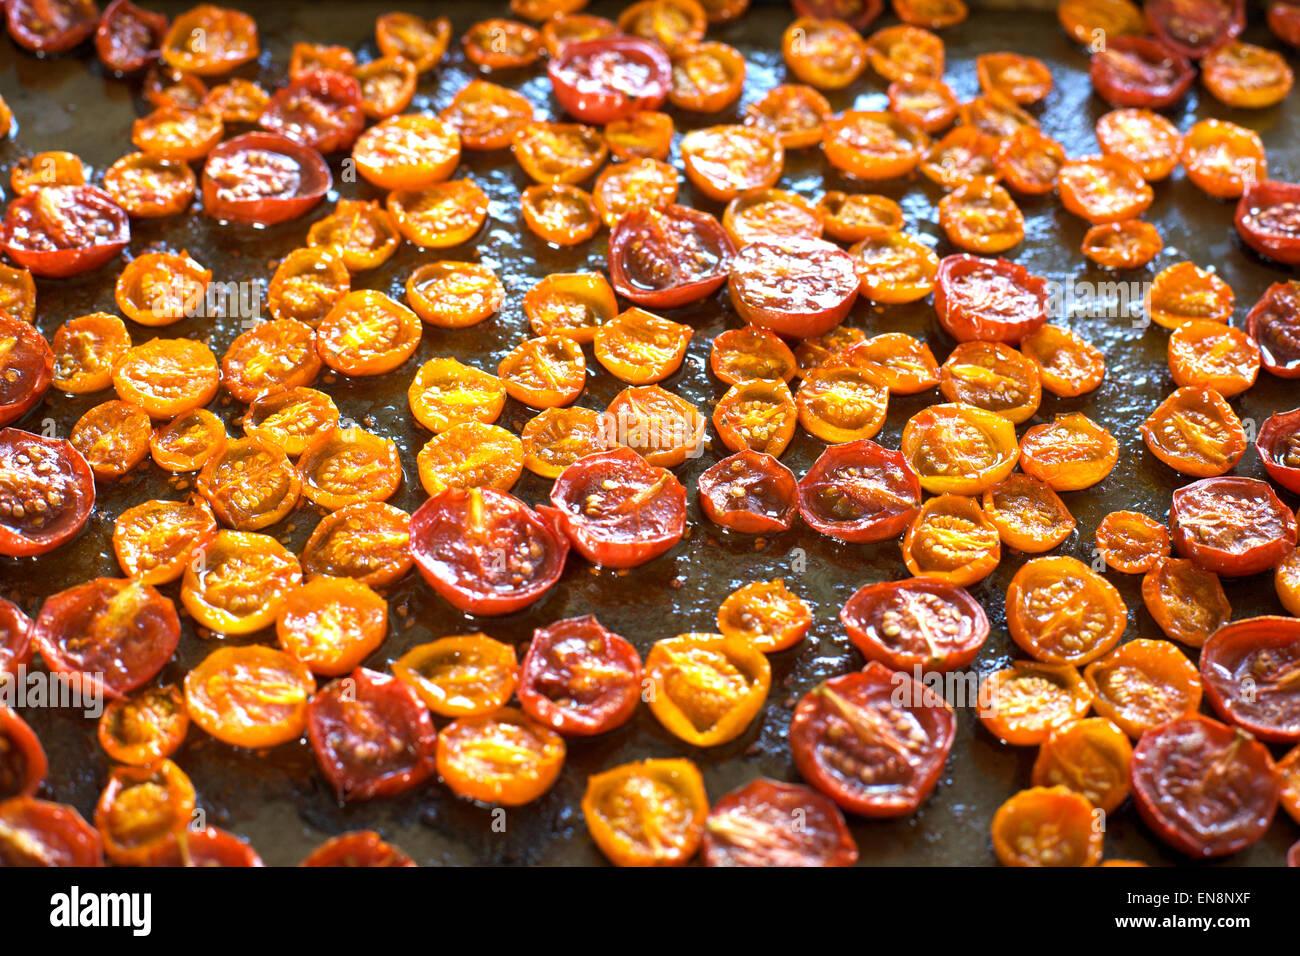 Amarillo y rojo asado tomates cherry en una hoja bandeja. Imagen De Stock